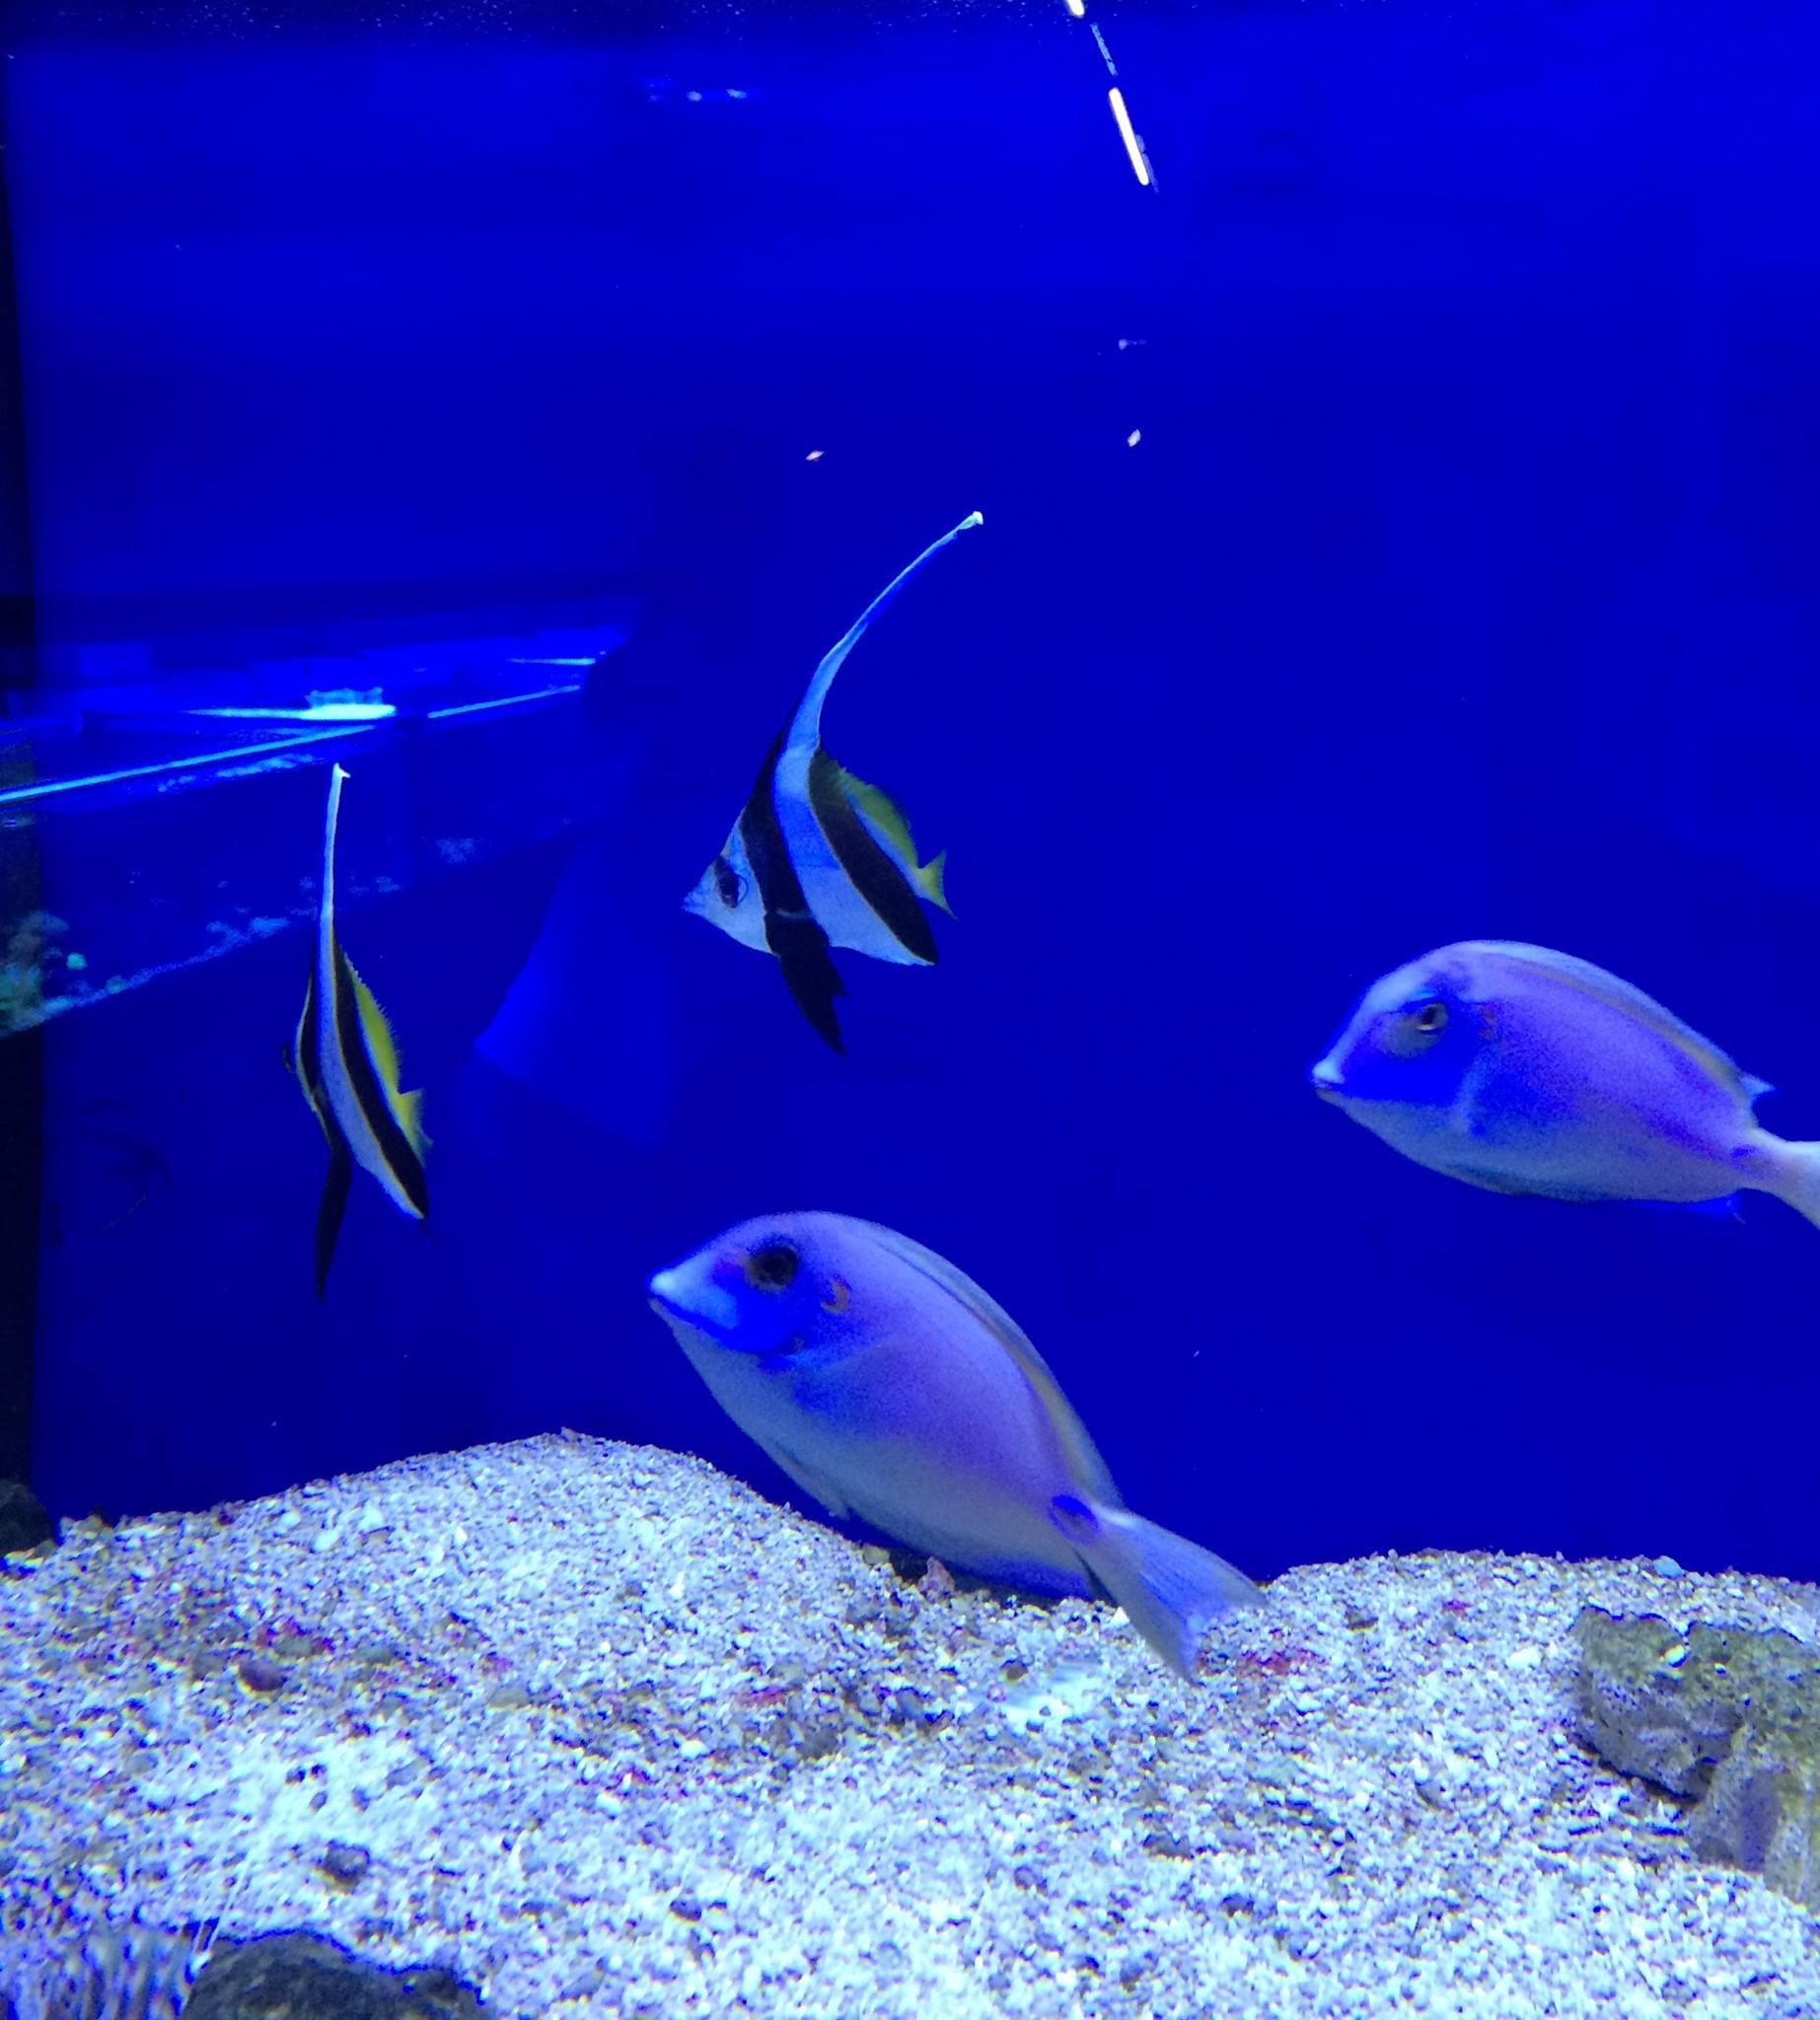 Schöne Meerwasserlieferung eingetroffen - Heniochus acuminatus und Acanthurus tennenti